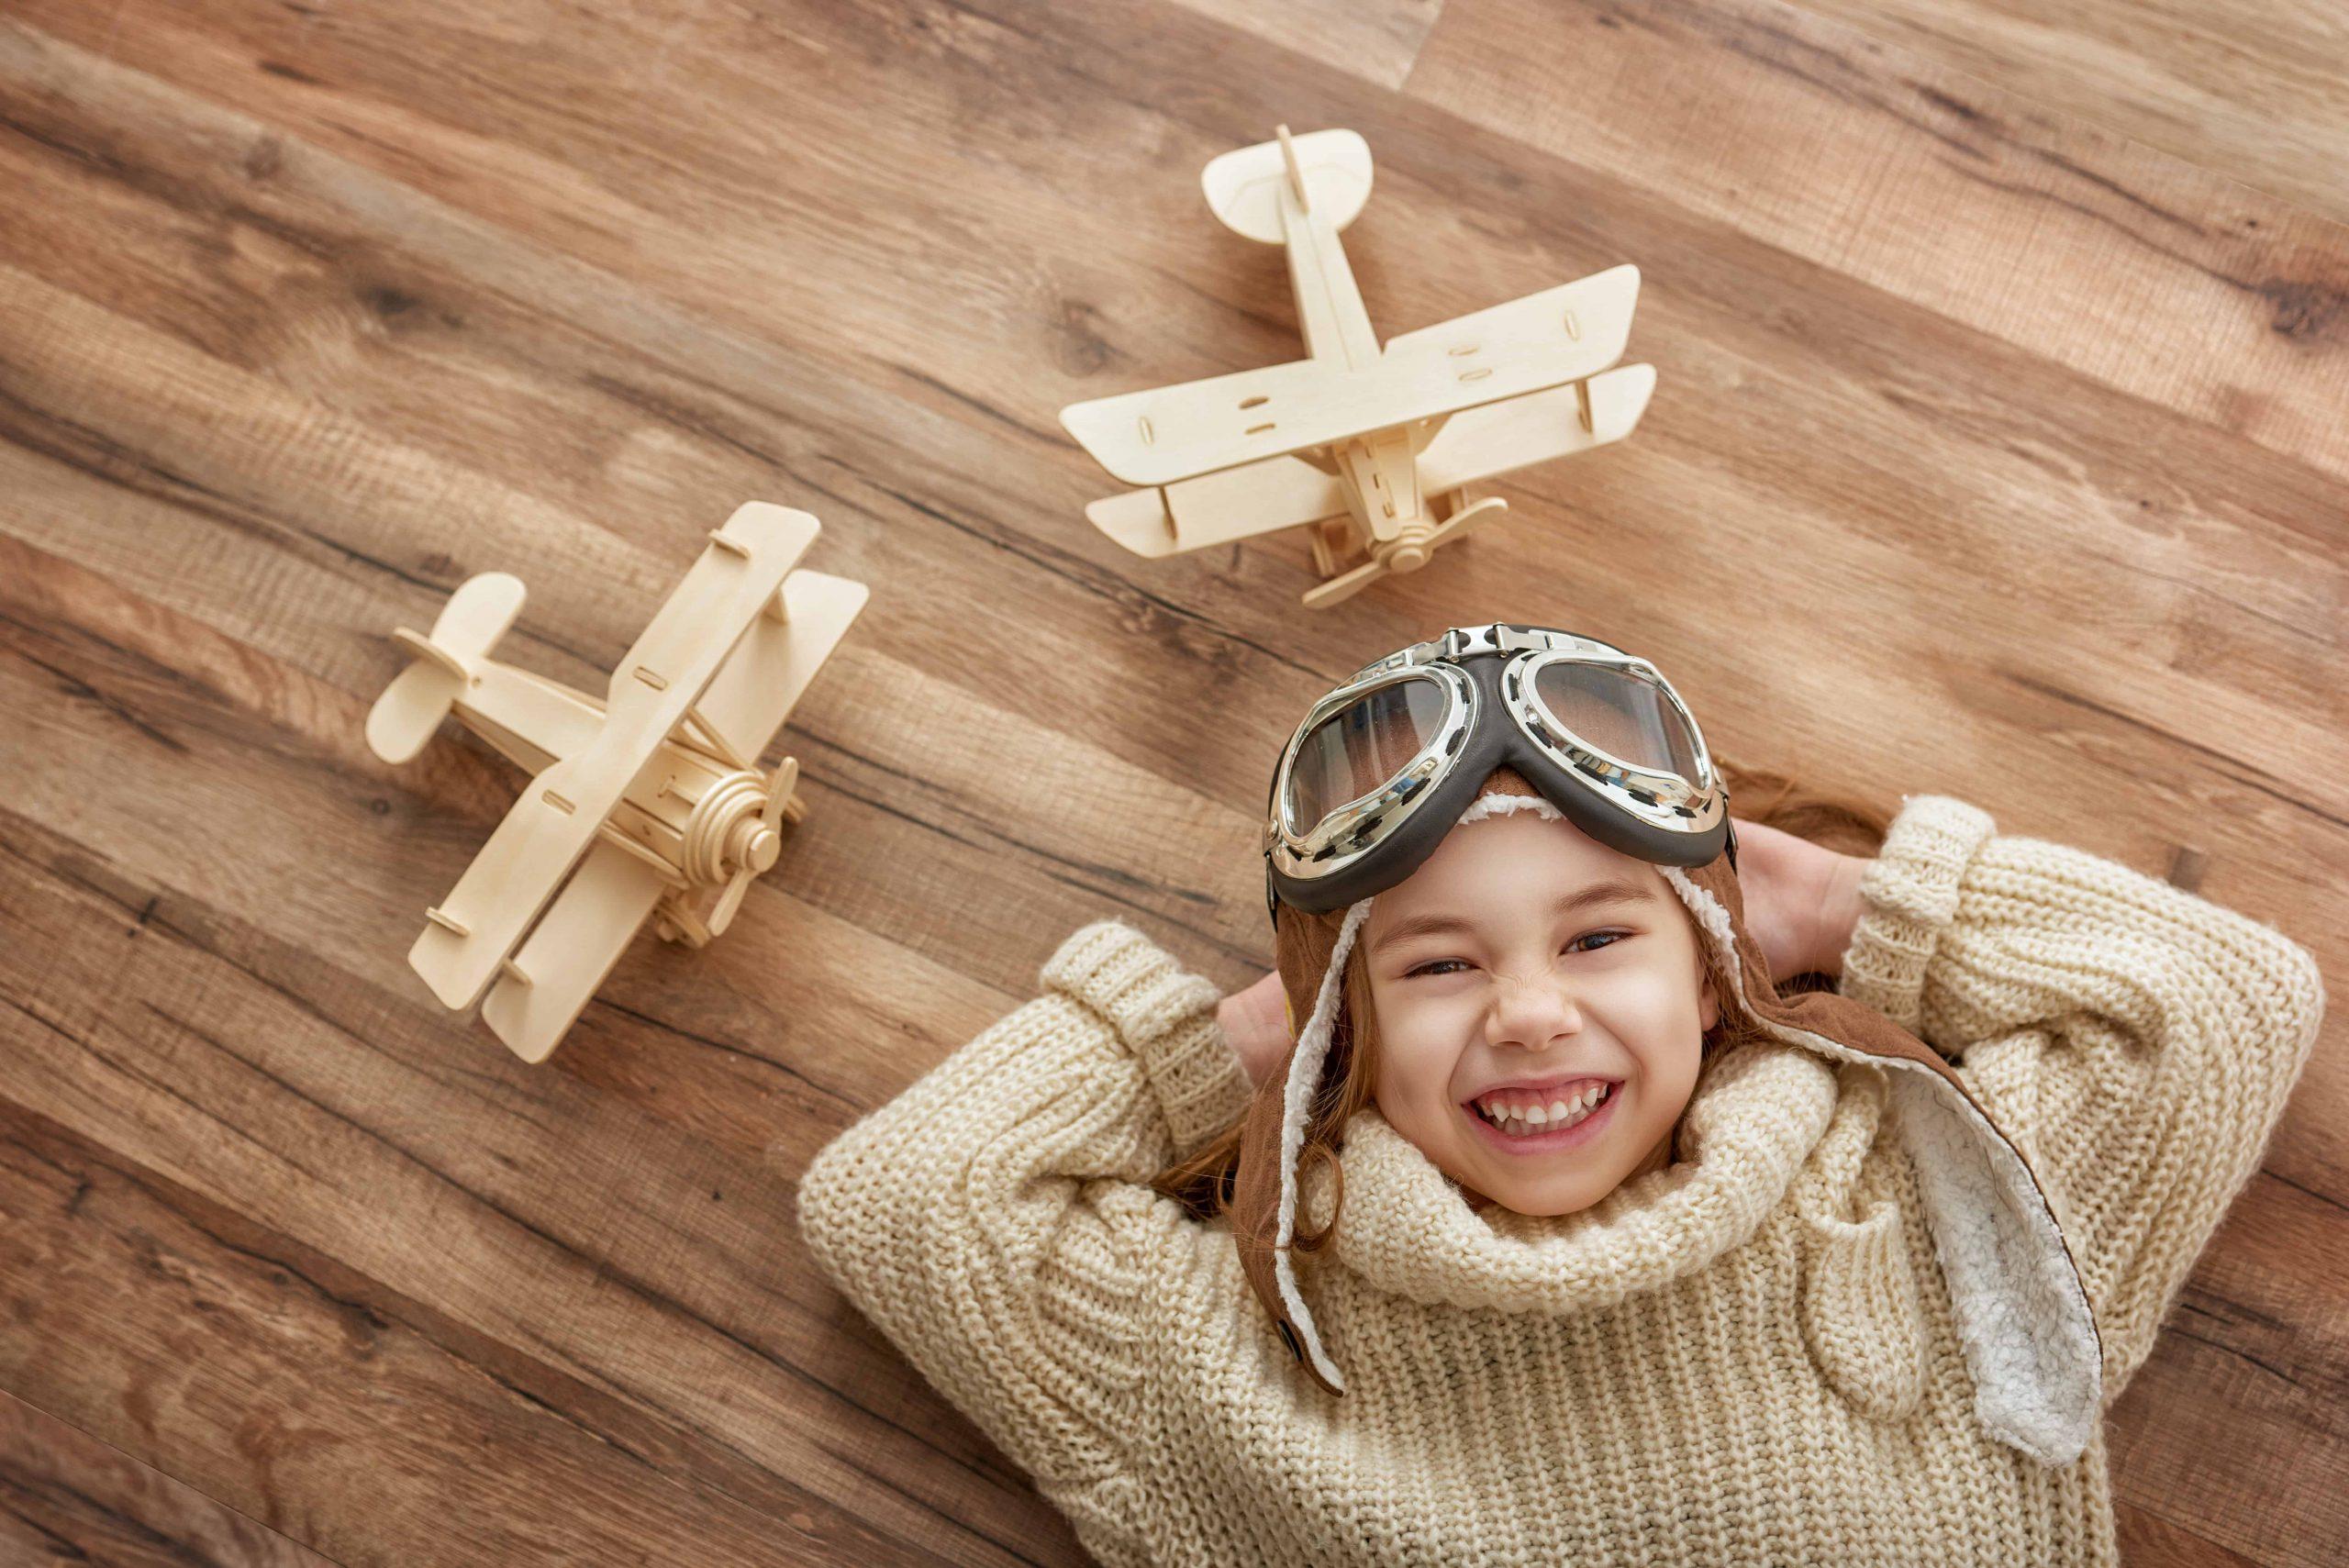 Juguetes de madera destacada